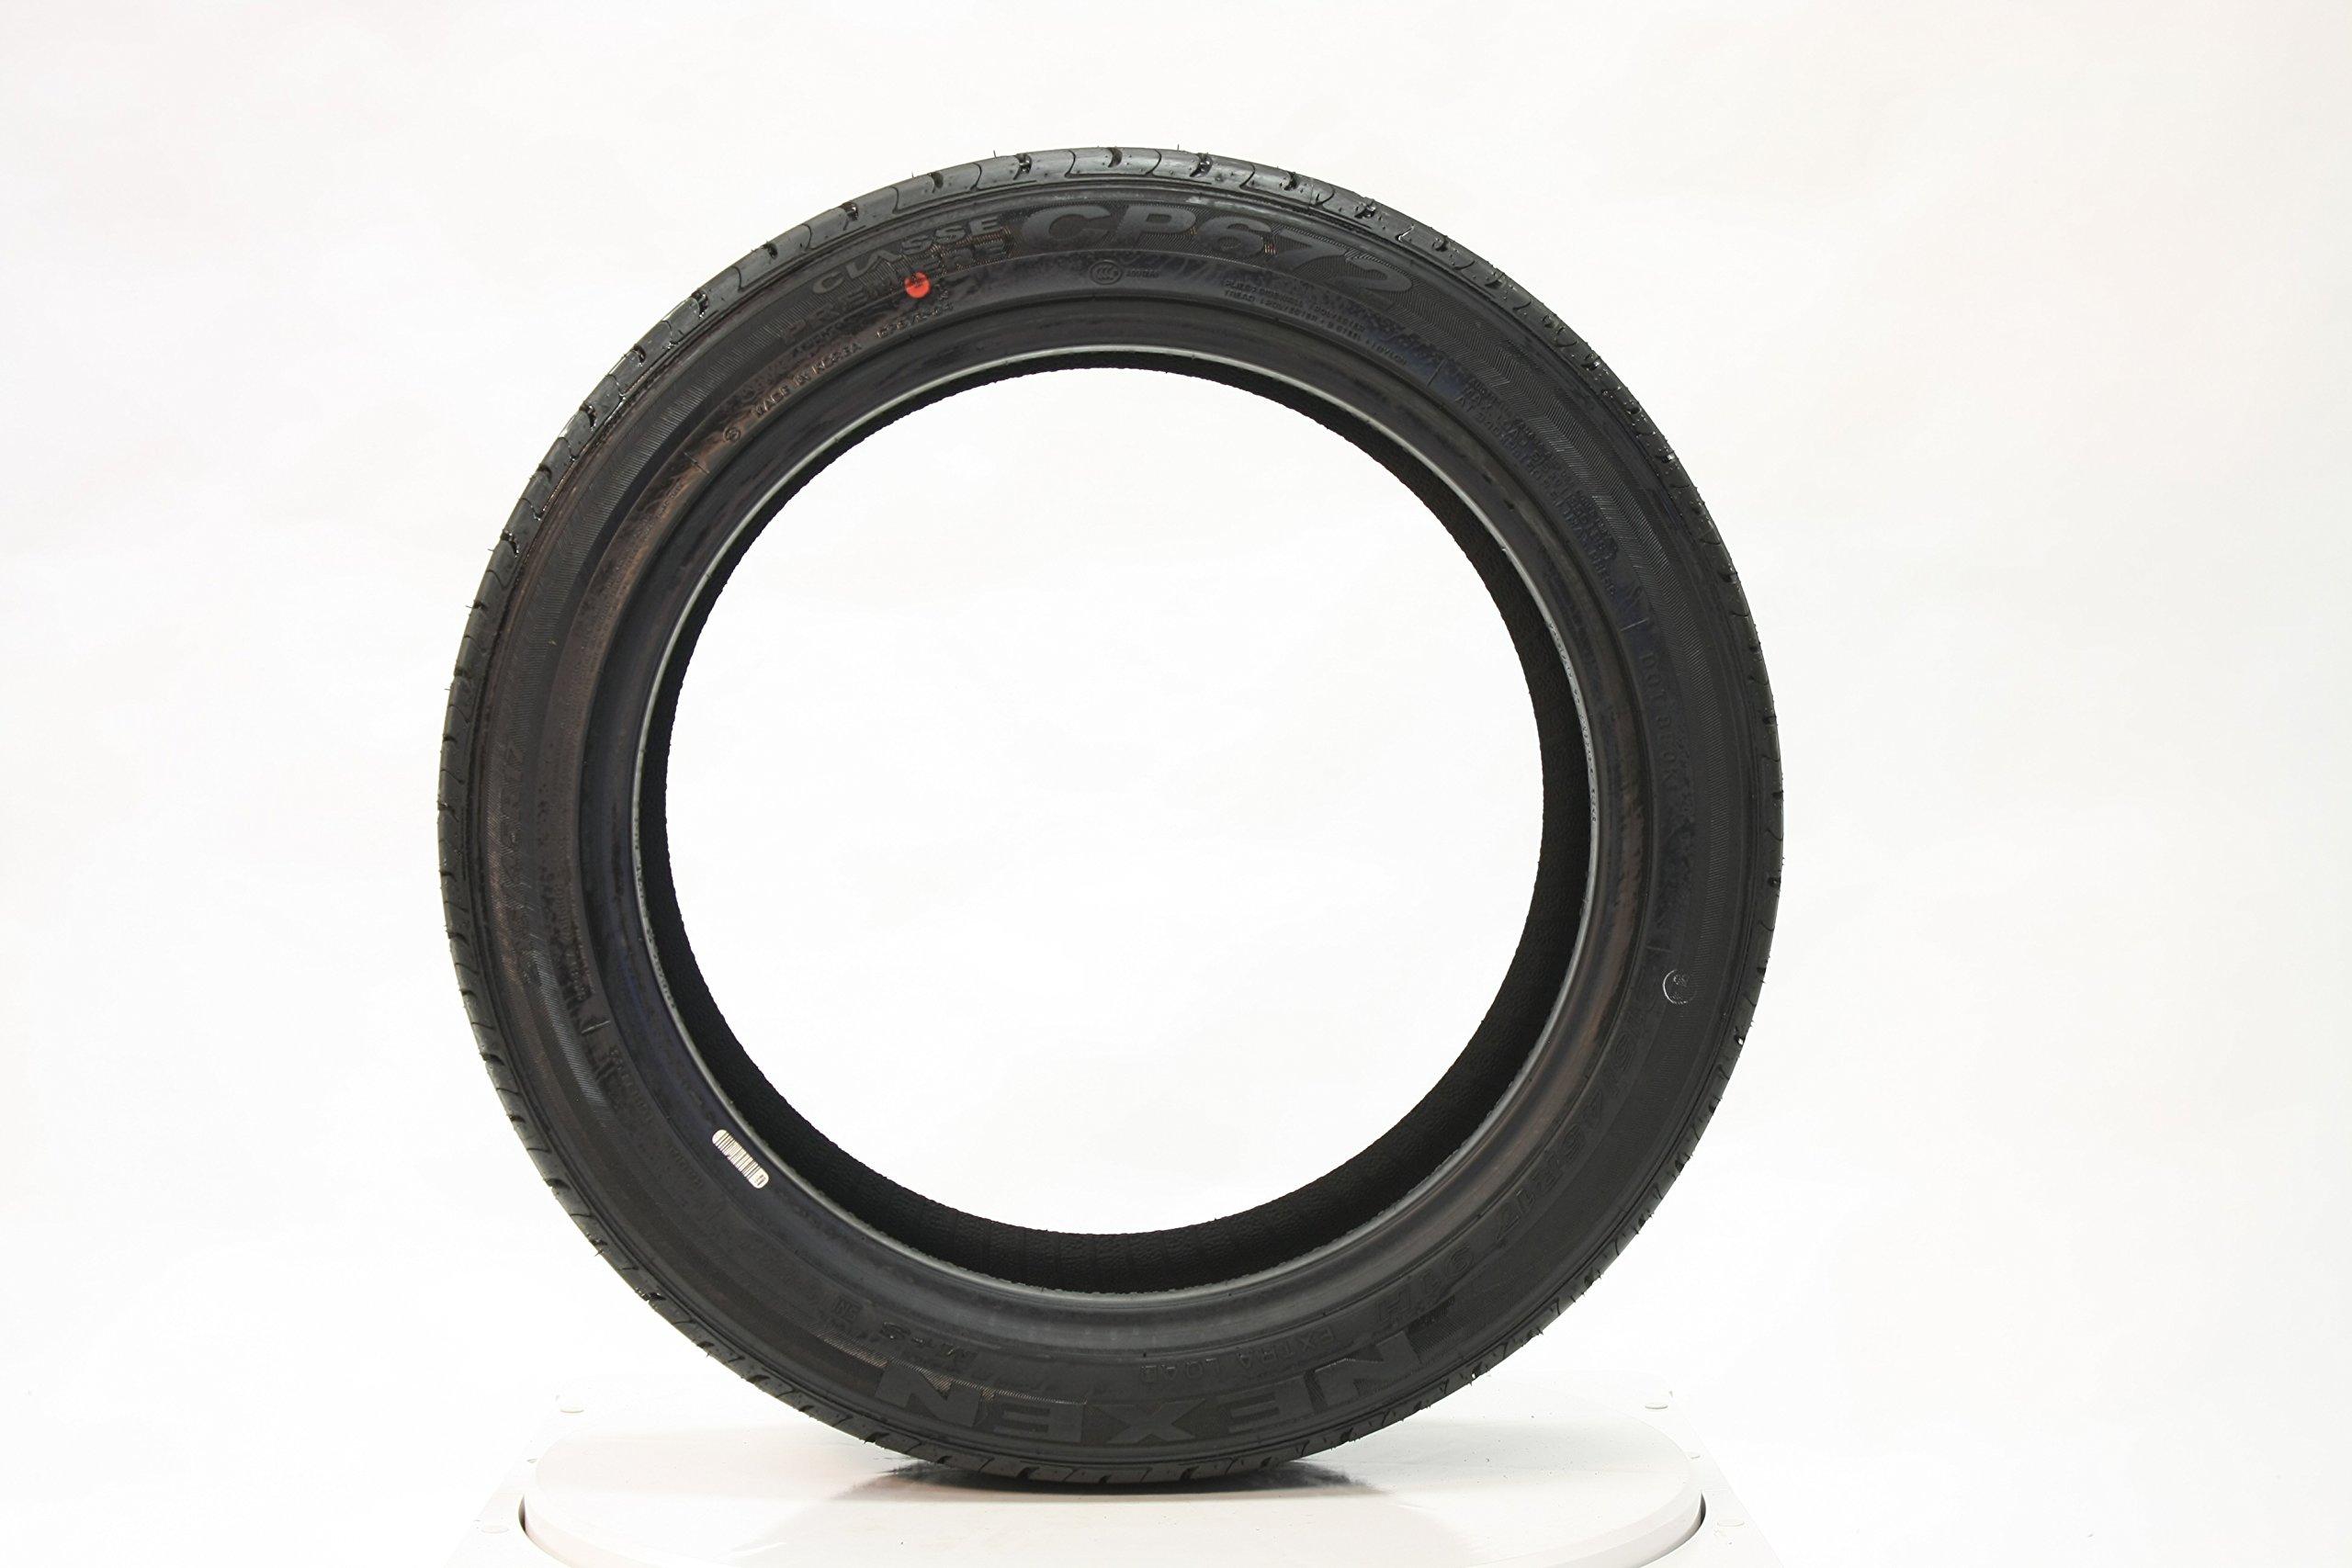 Nexen CP672 Touring Radial Tire - 215/45R18 93H by Nexen (Image #2)